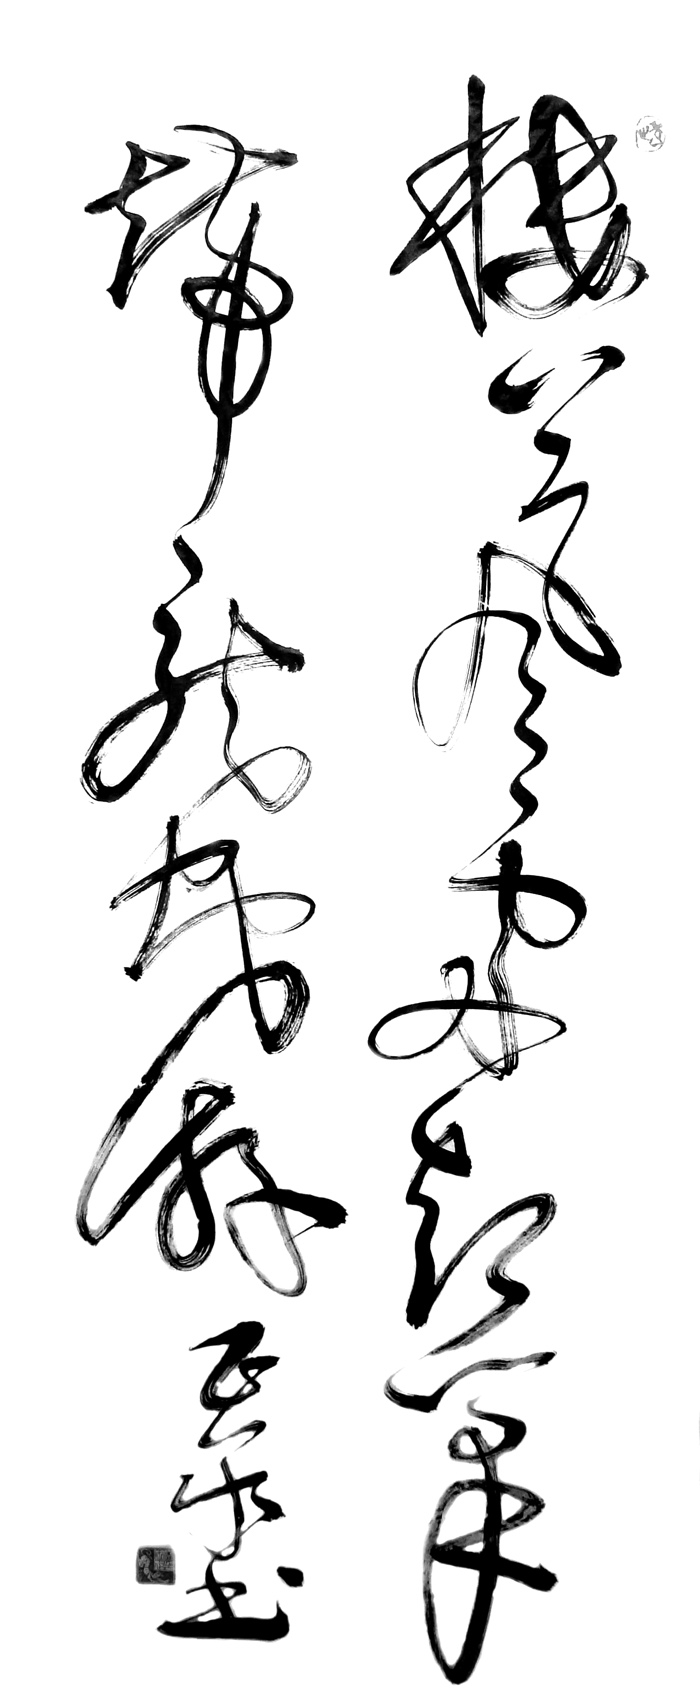 有正(楷),草,行,隶,篆(大篆,小 篆)等各种书体.图片